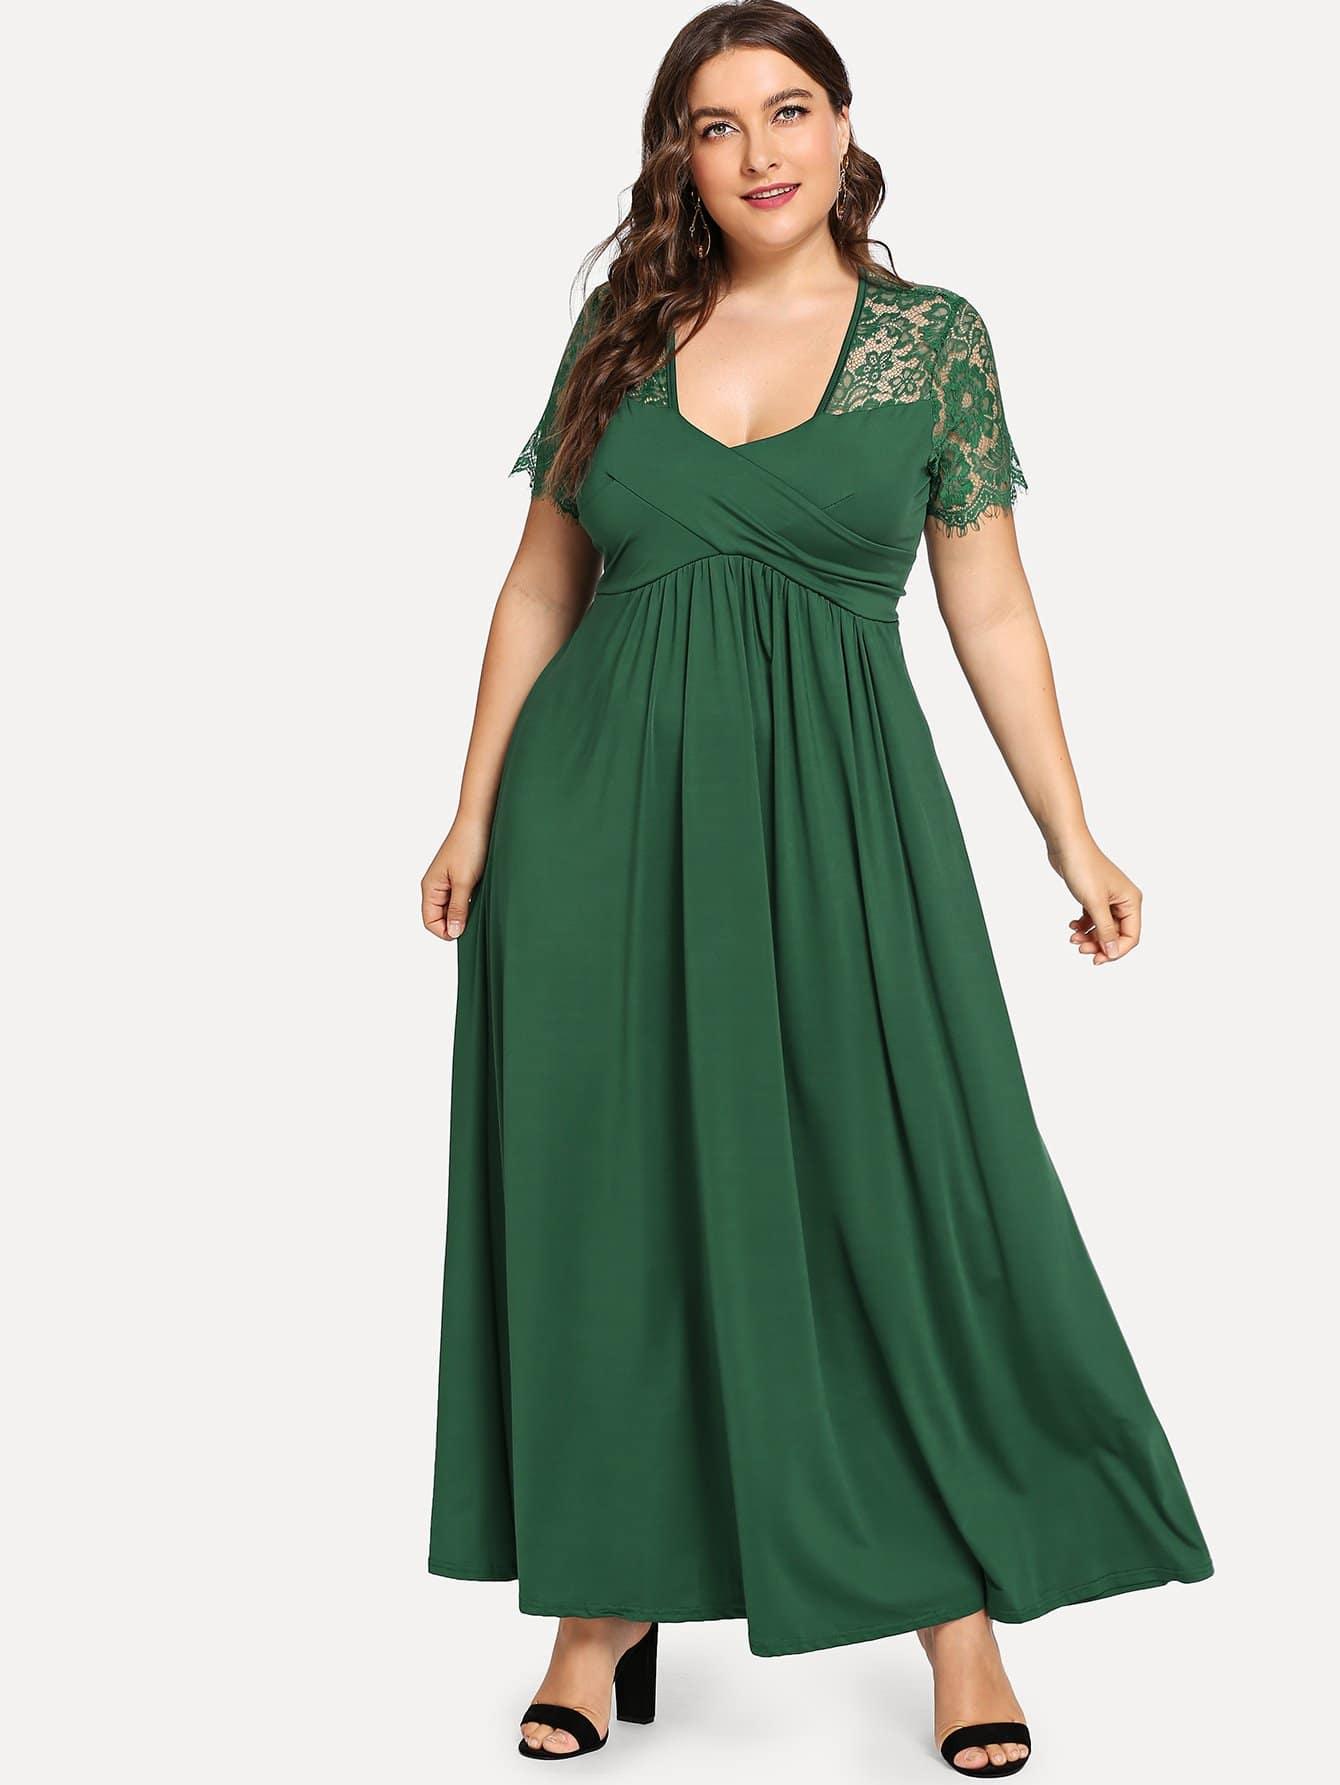 Plus Contrast Lace Zip Back Dress